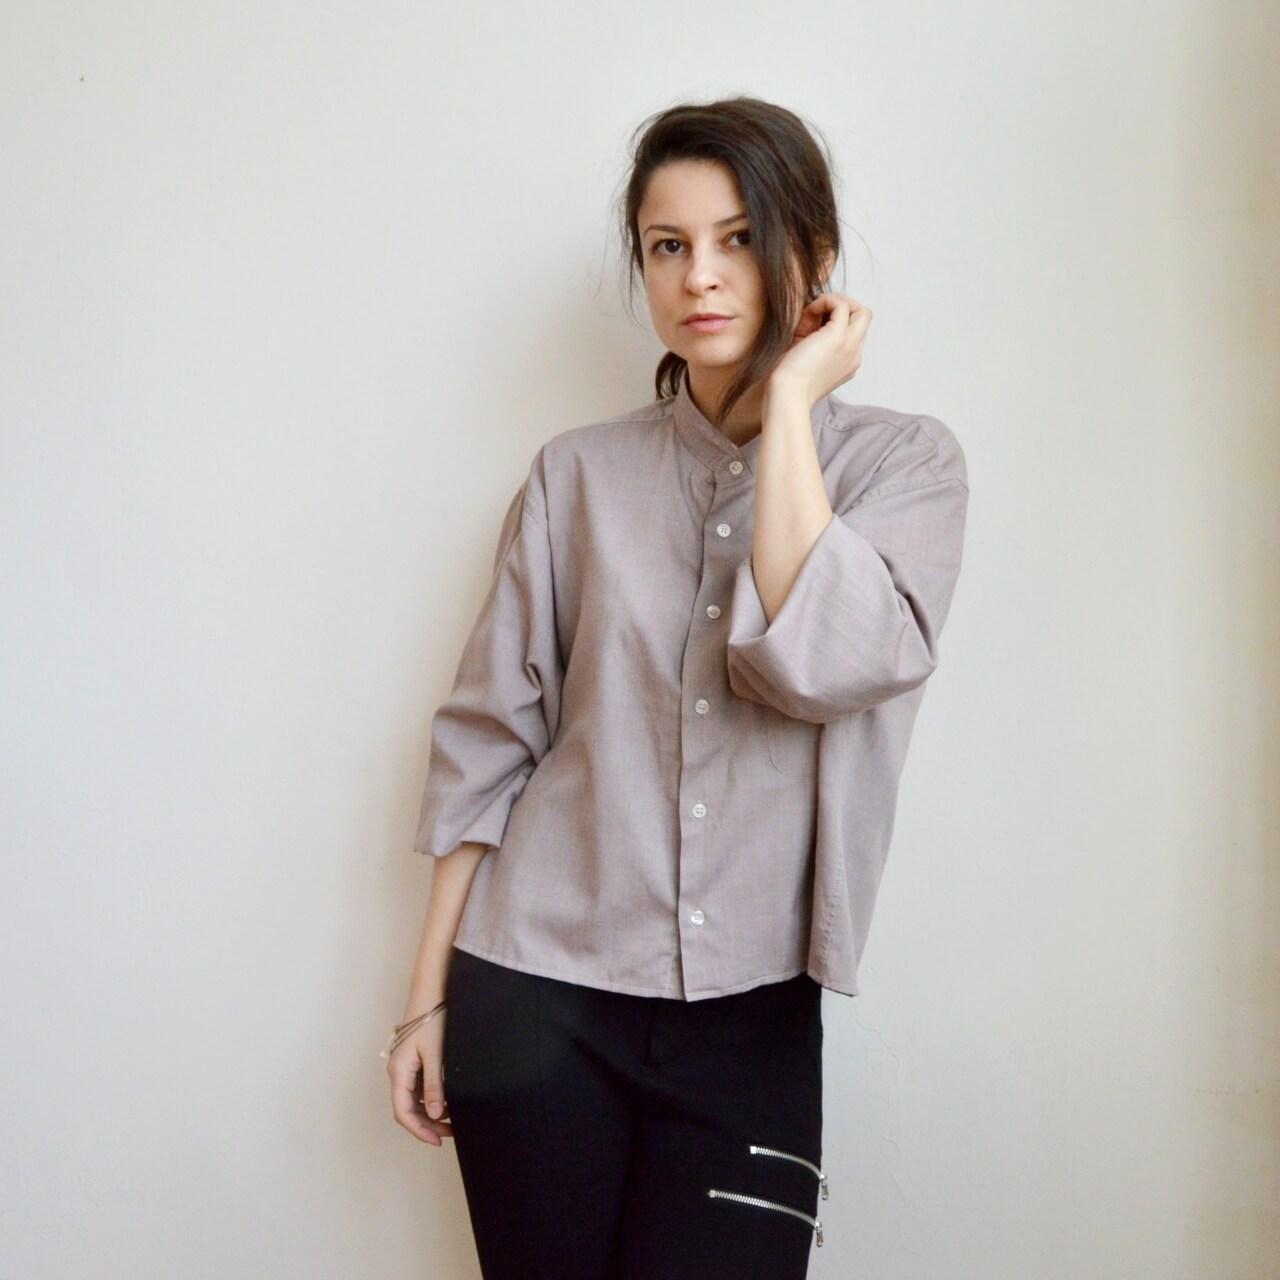 Upcyklovaná voľná jarná handmade košeľa..